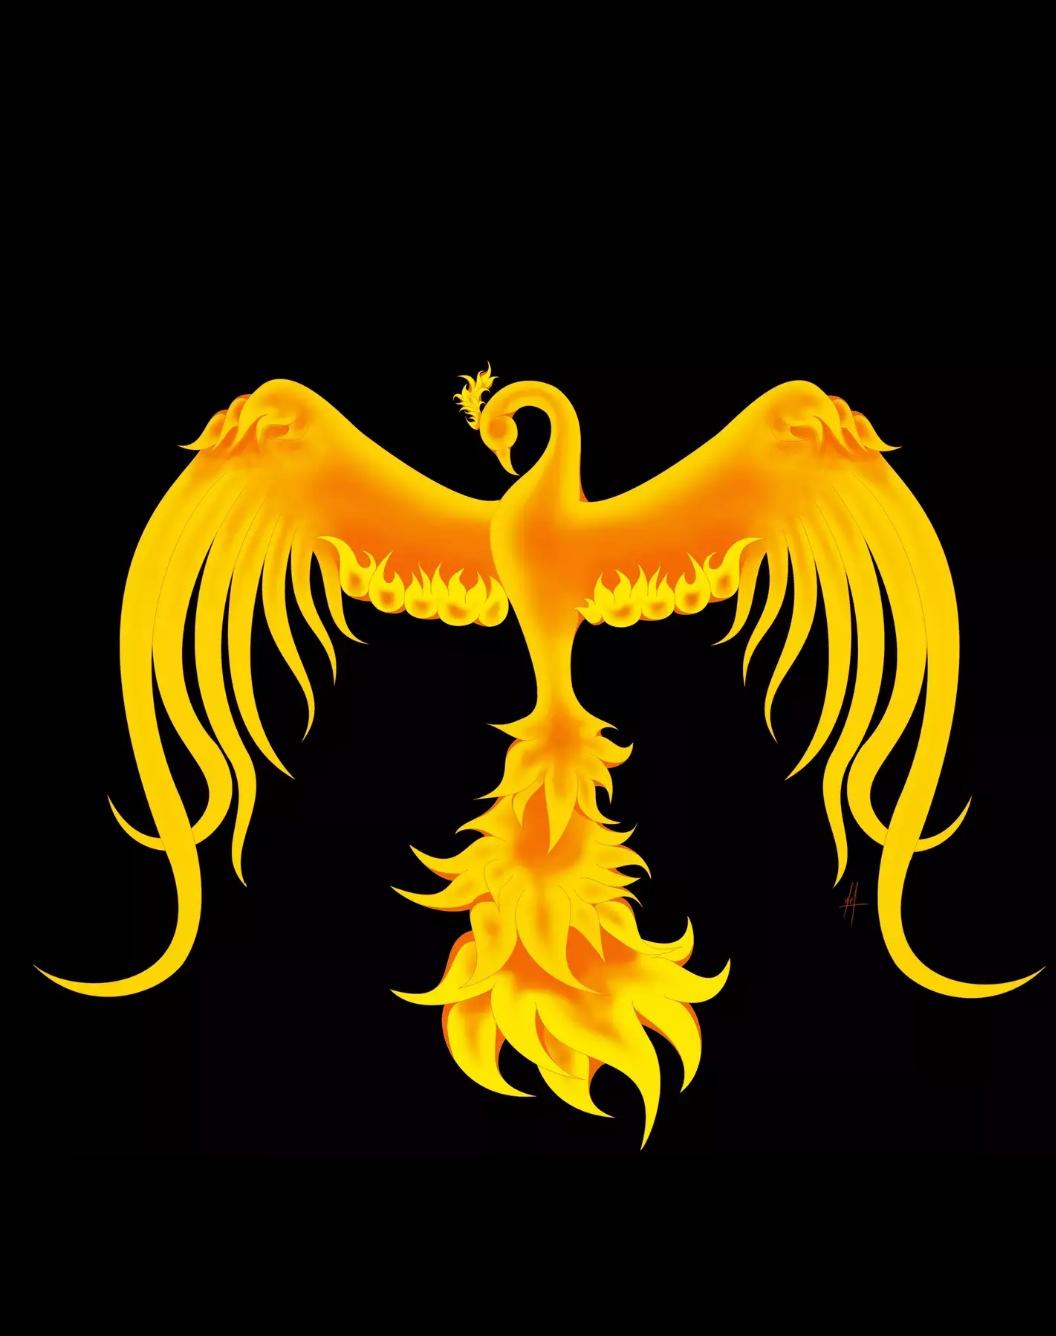 Логотип и фирменный стиль для магазина тканей. фото f_1575cd9c90112608.jpg